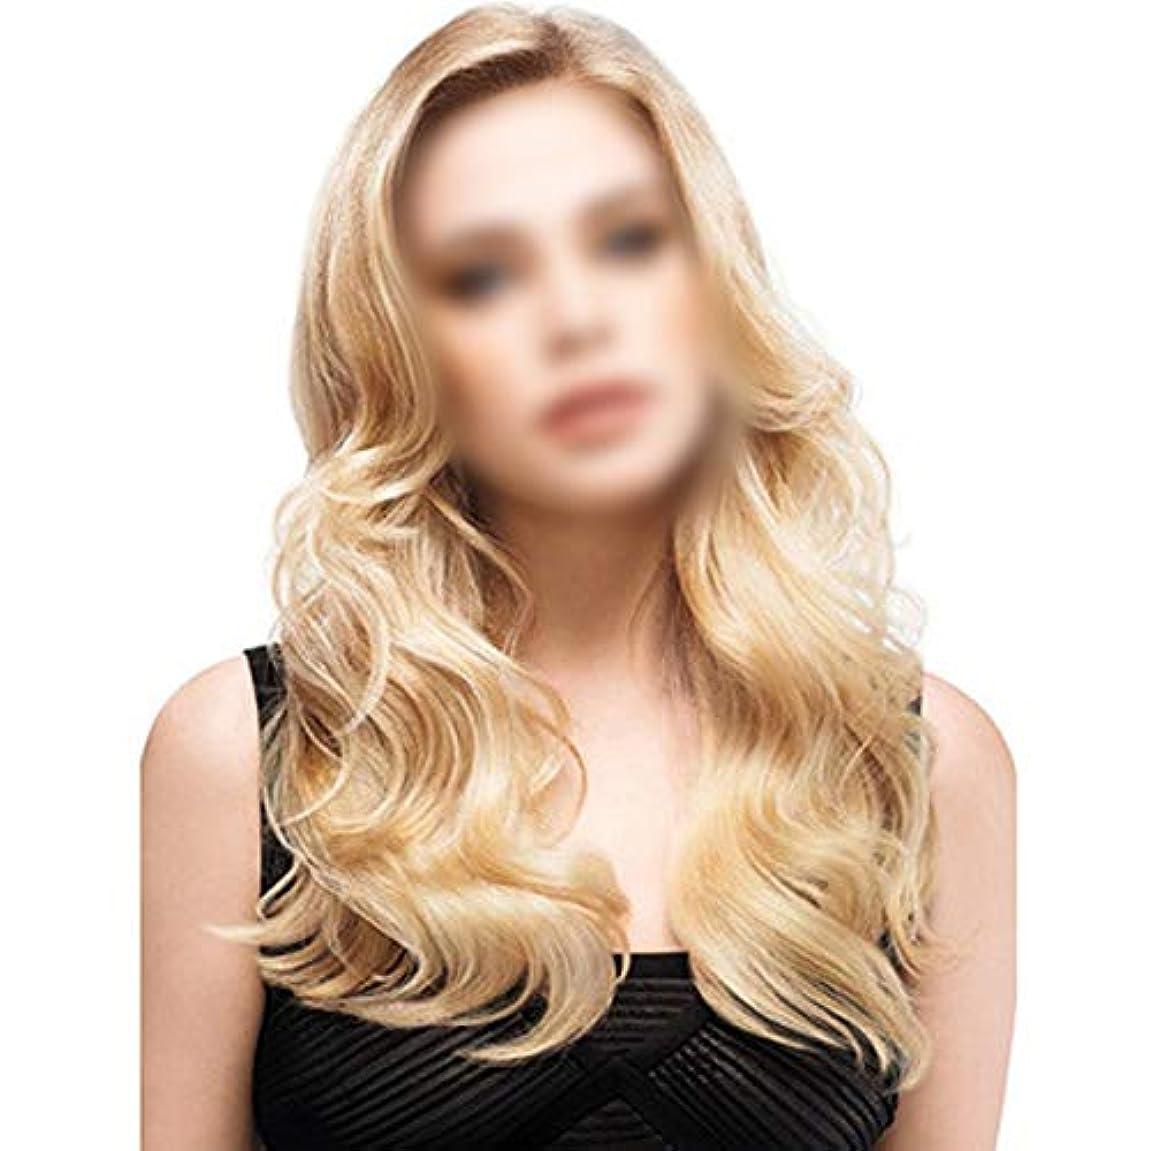 コンクリート尊敬する忘れられないWASAIO 女性のためのスタイルの交換のための長い巻き毛の波状のブロンドのかつらアクセサリー毎日のドレス耐熱繊維+キャップ (色 : Blonde, サイズ : 65cm)